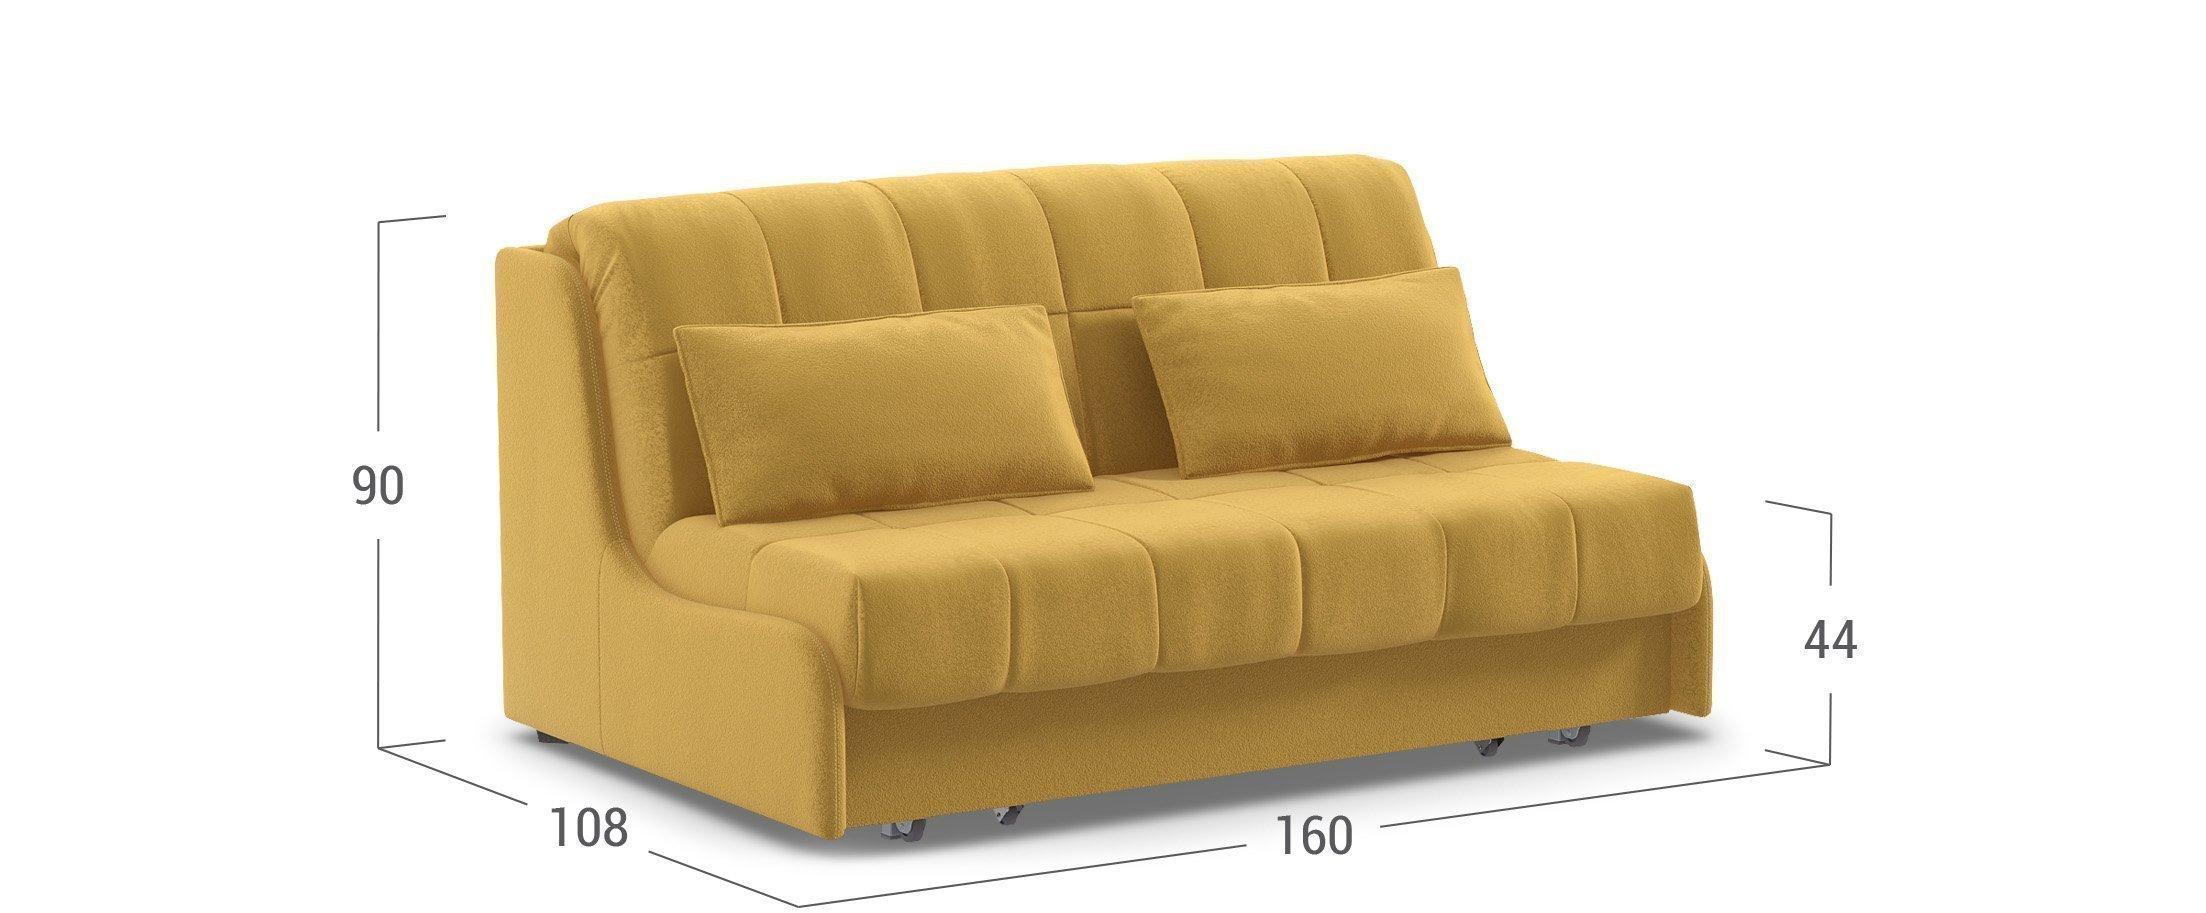 Кровать с ортопедическим матрасом купить в москве